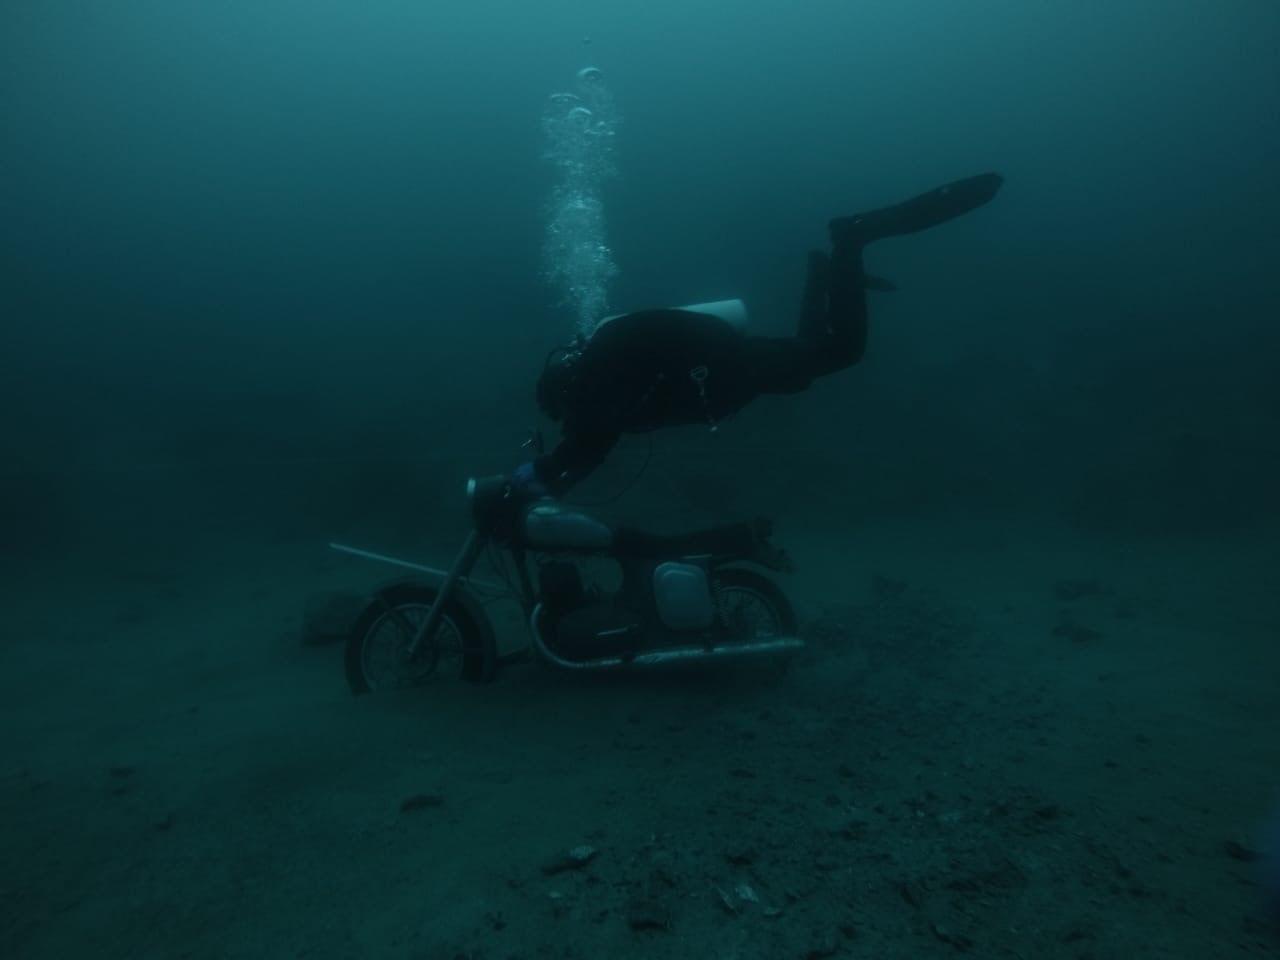 На карьере Лазурном под водой можно найти мотоцикл